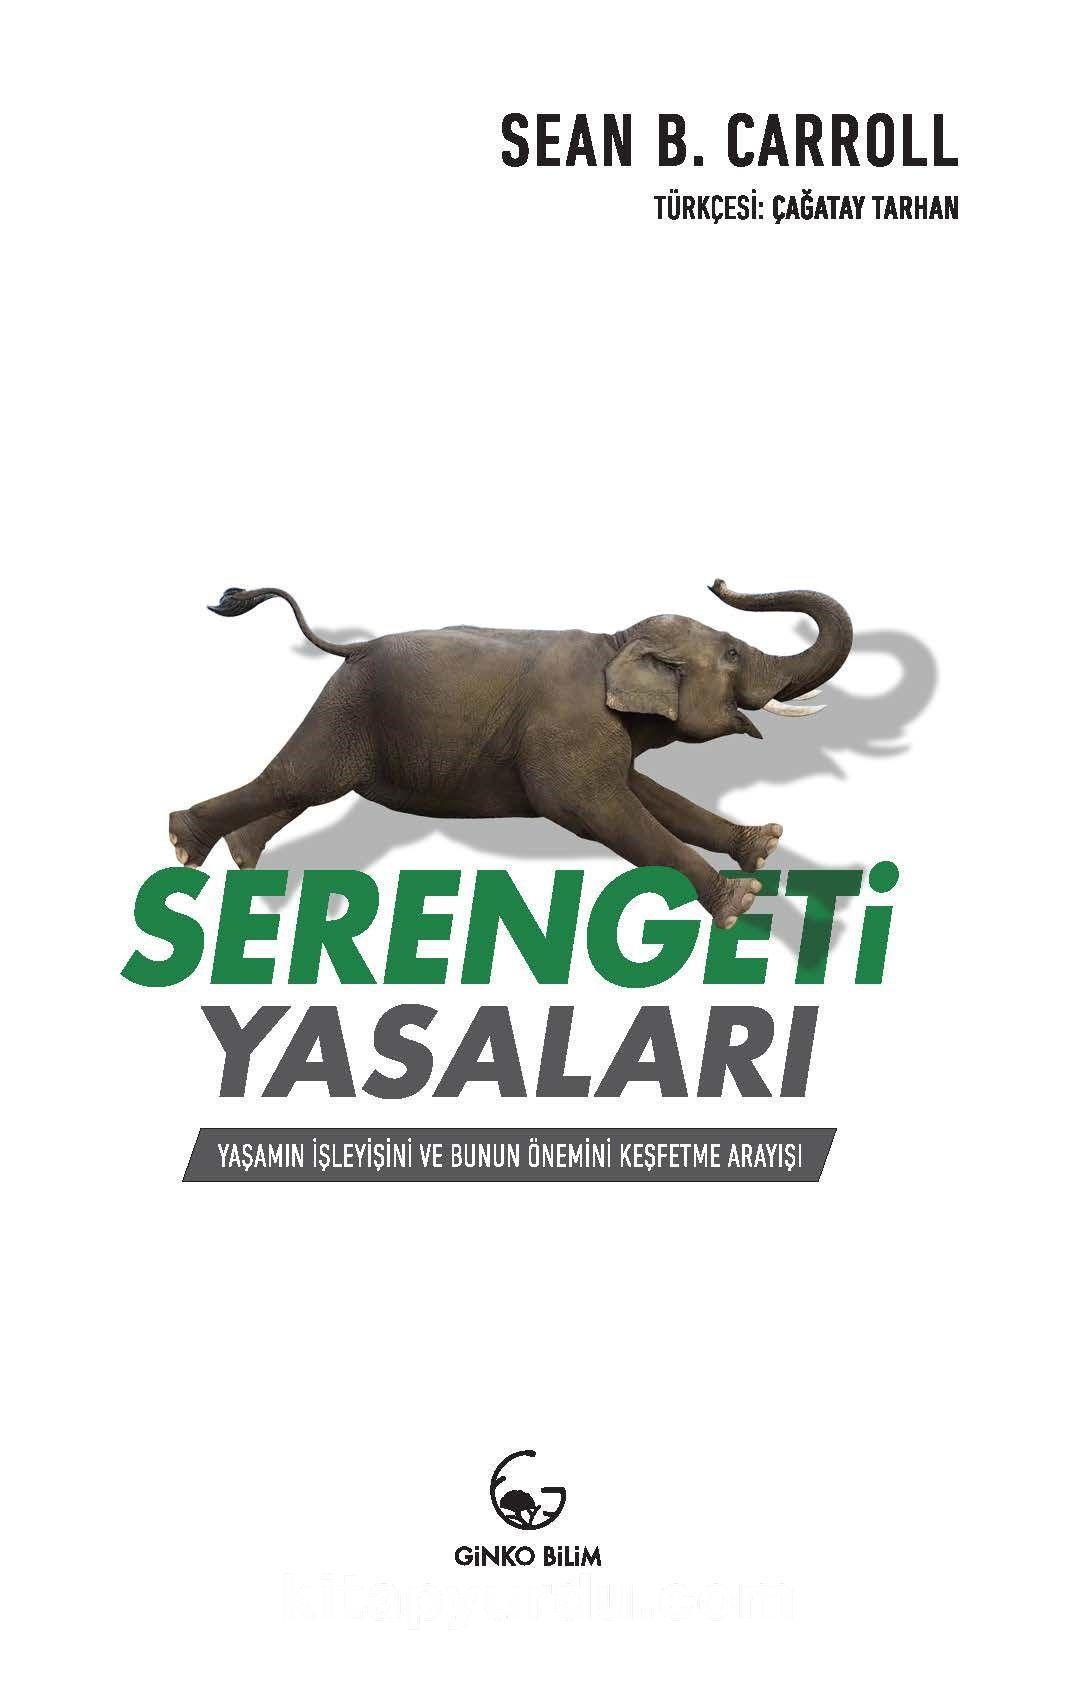 Serengeti YasalarıYaşamın İşleyişi ve Bunun Önemini Keşfetme Arayışı - Sean B. Carroll pdf epub